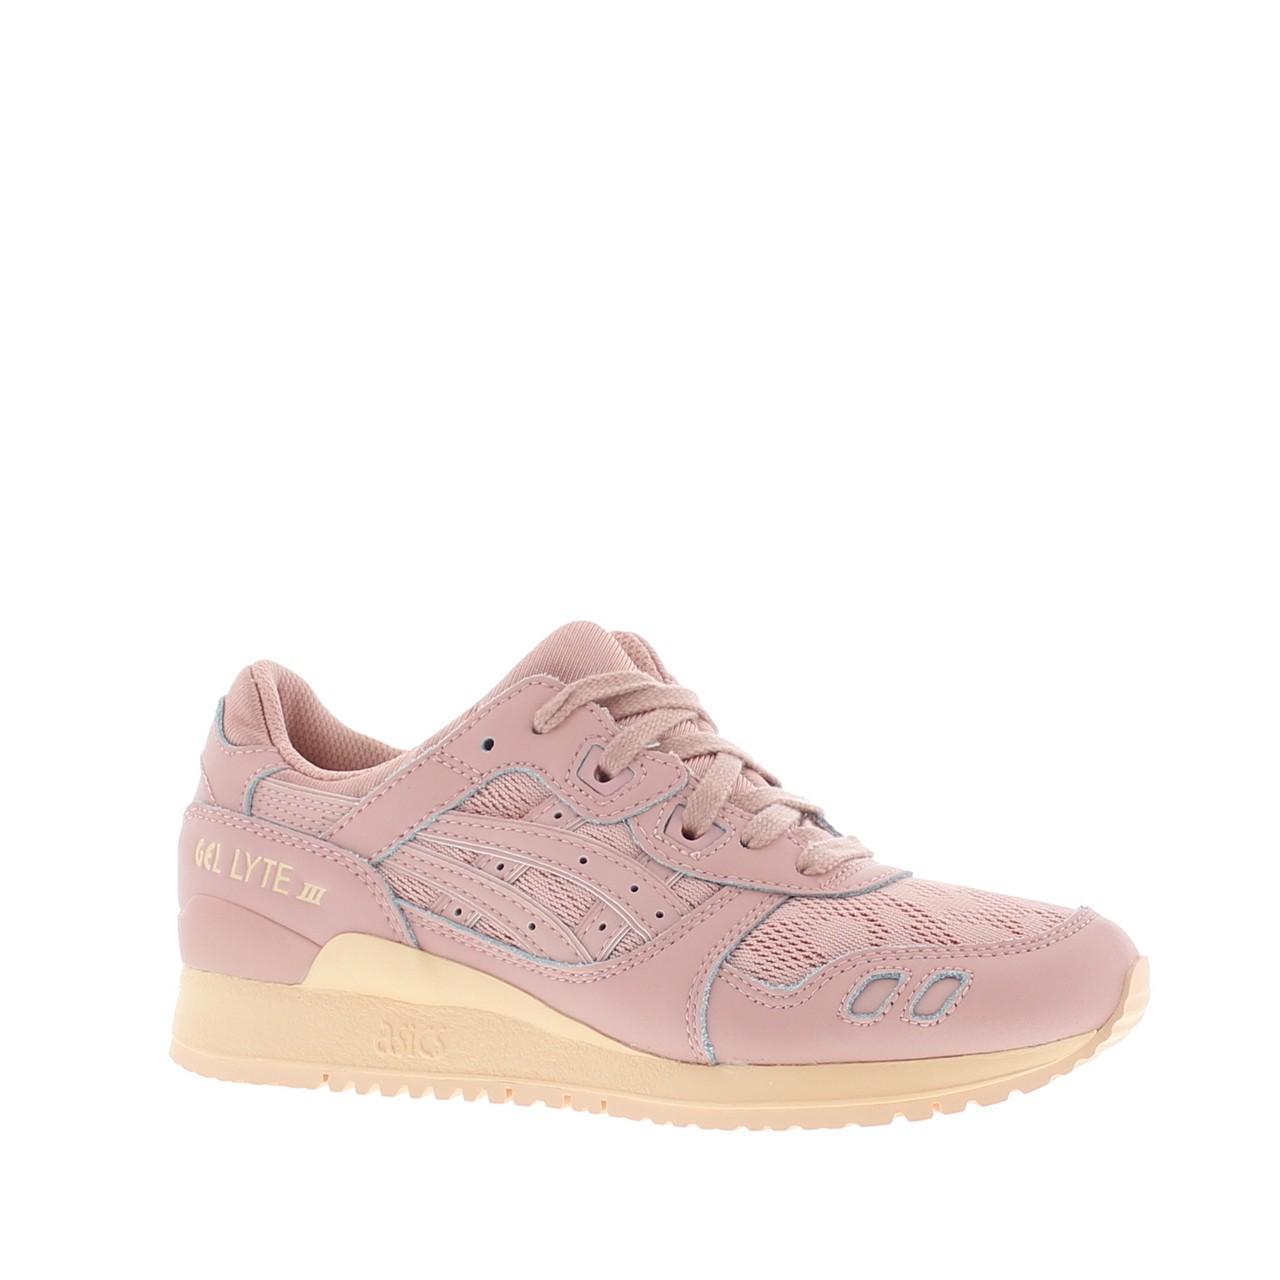 Afbeelding van Asics Tiger Sneakers 280-57-3 roze